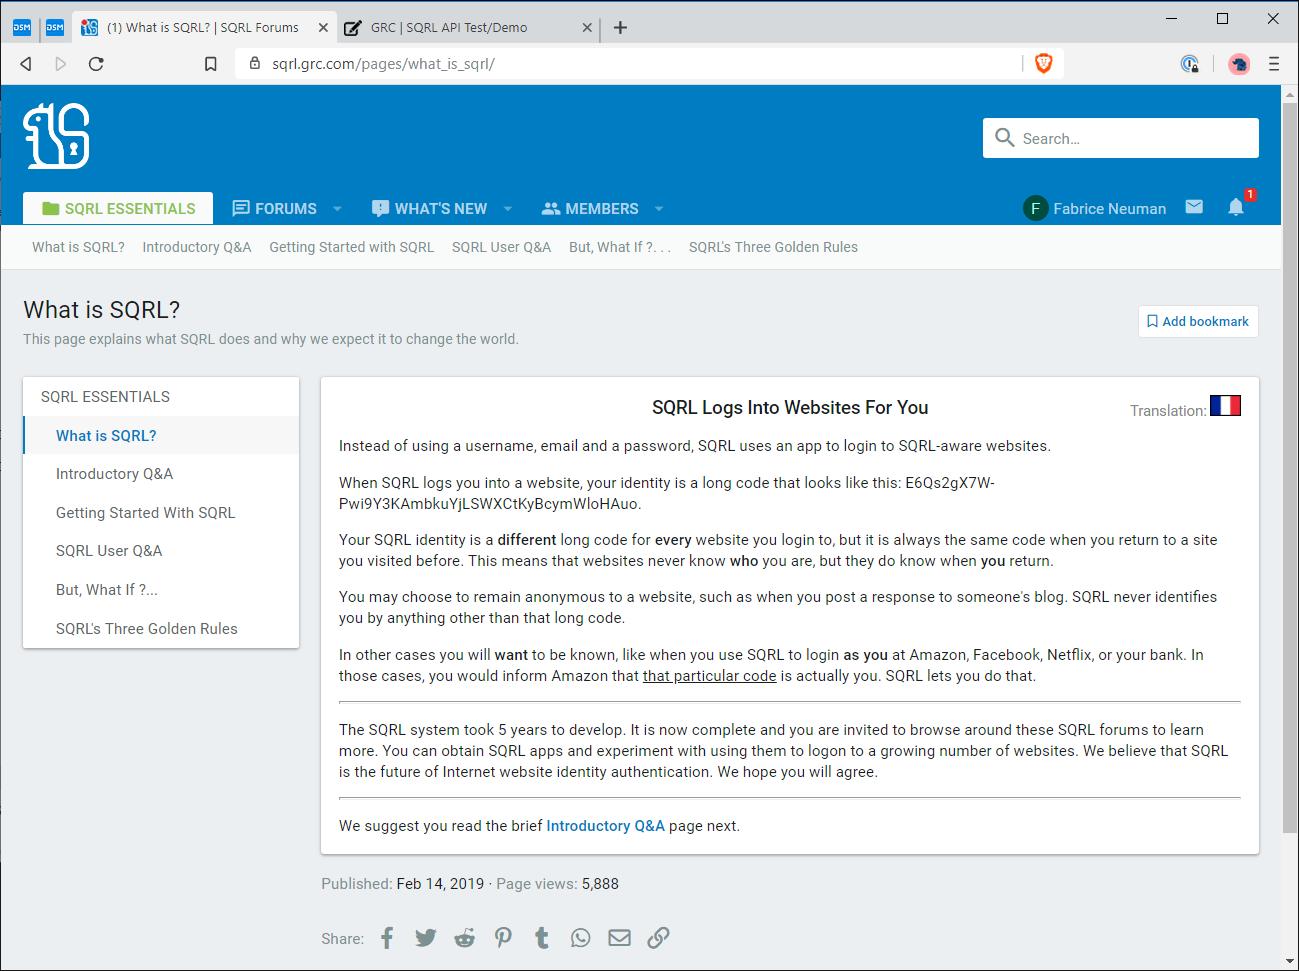 La page SQRL Essentials pour consulter la documentation complète de SQRL, y compris dans sa version française (traduction réalisée par votre serviteur) en cliquant sur le drapeau français en haut à droite. (cliquez pour agrandir)